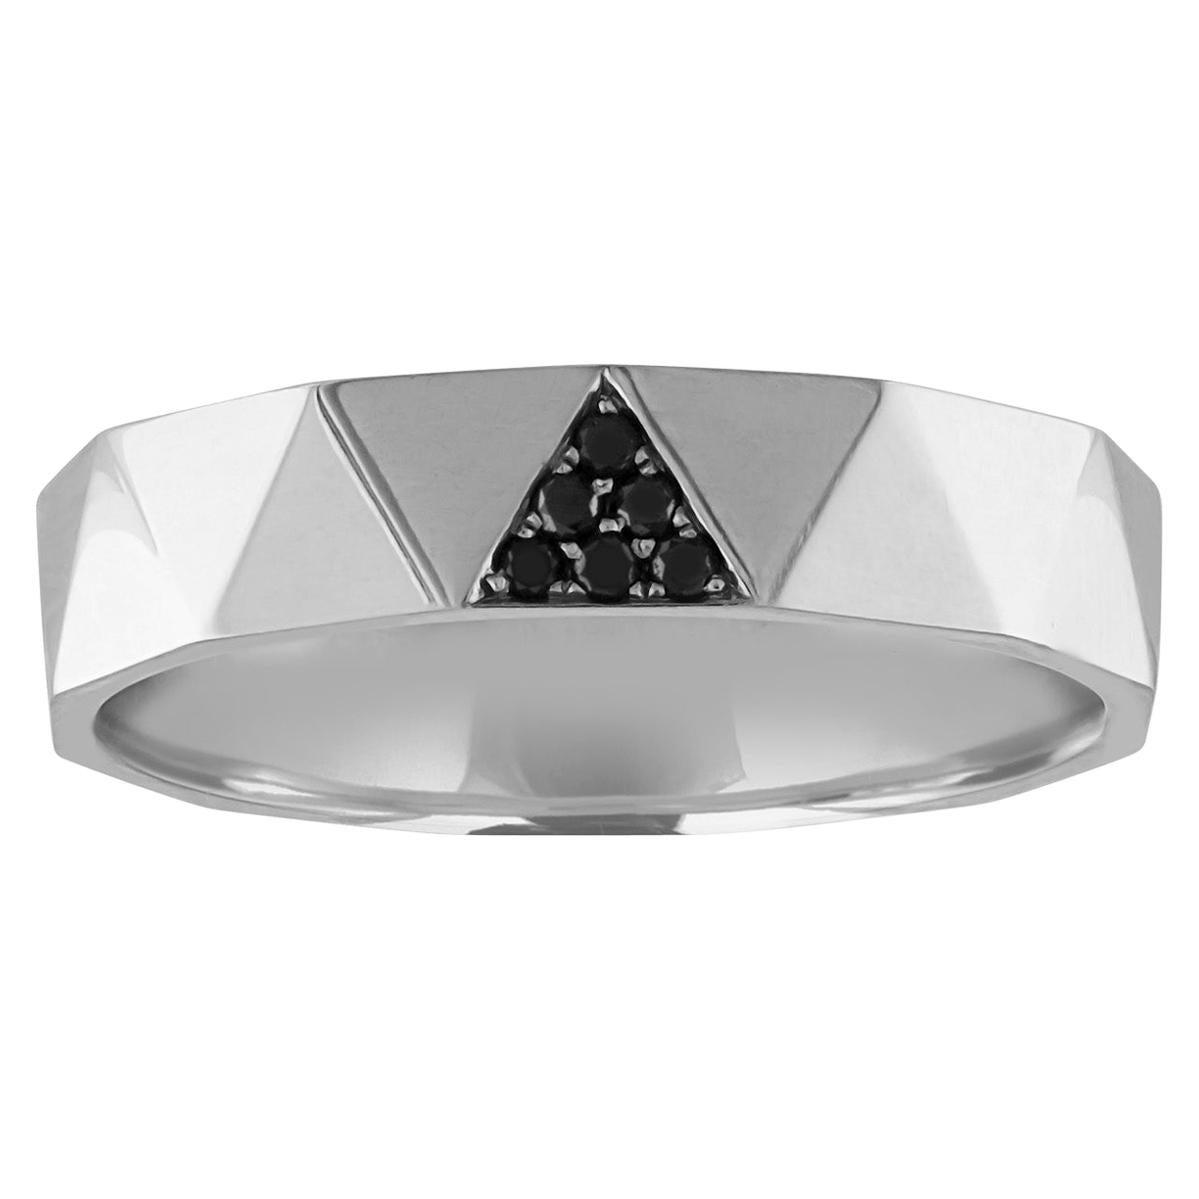 0.10 Carat Men's Black Diamond Gold Wedding Band Ring